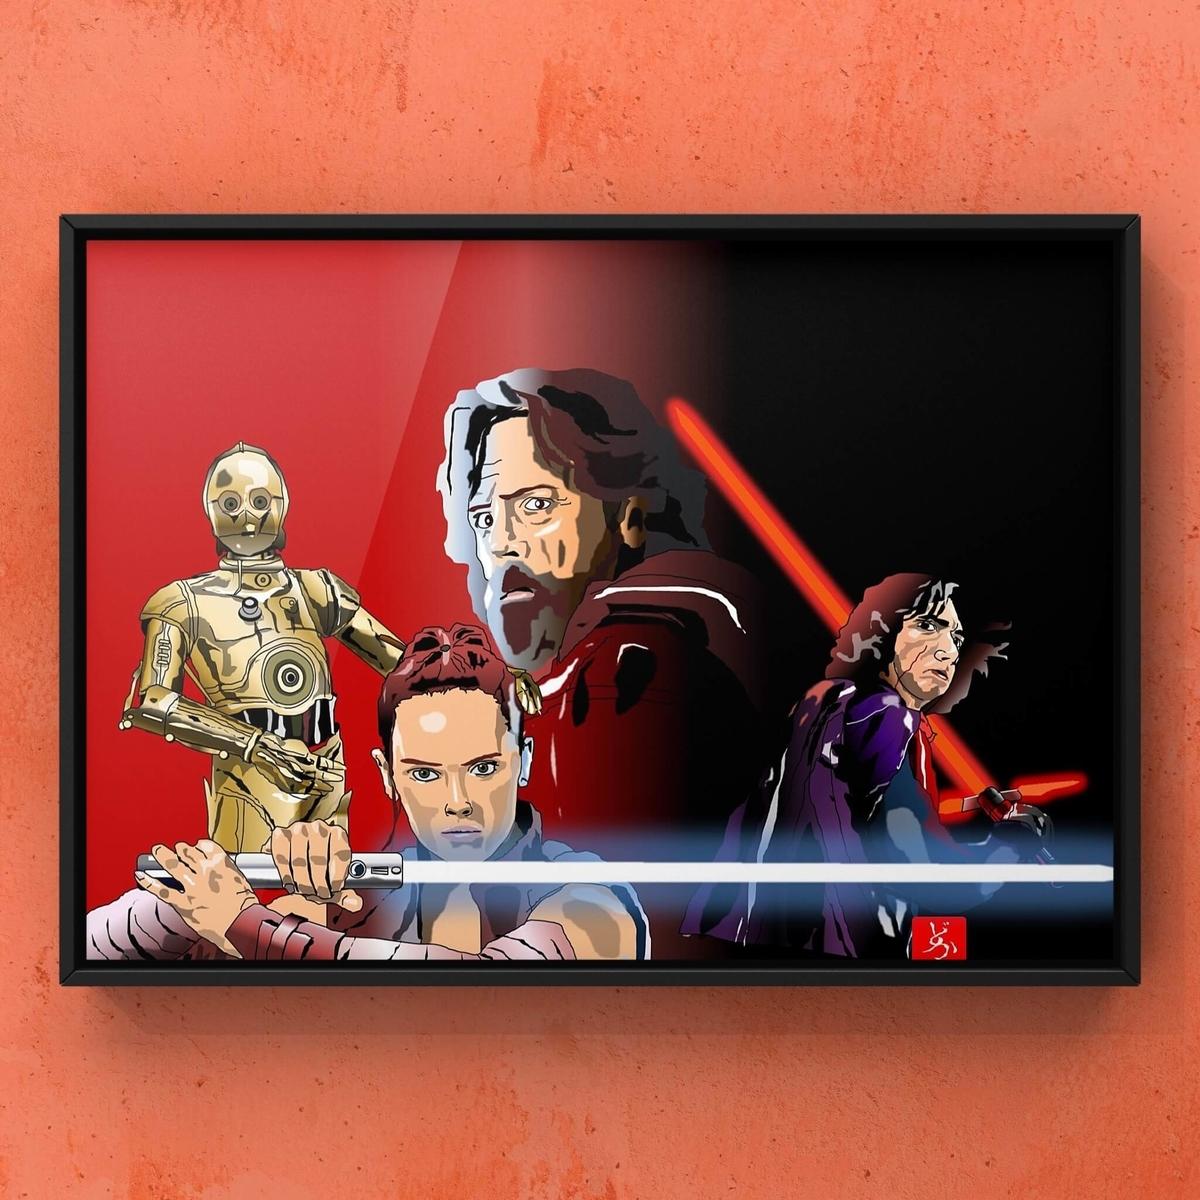 スターウォーズ9 レイ、カイロ・レン、ルーク、C-3POのエクセル画額装版